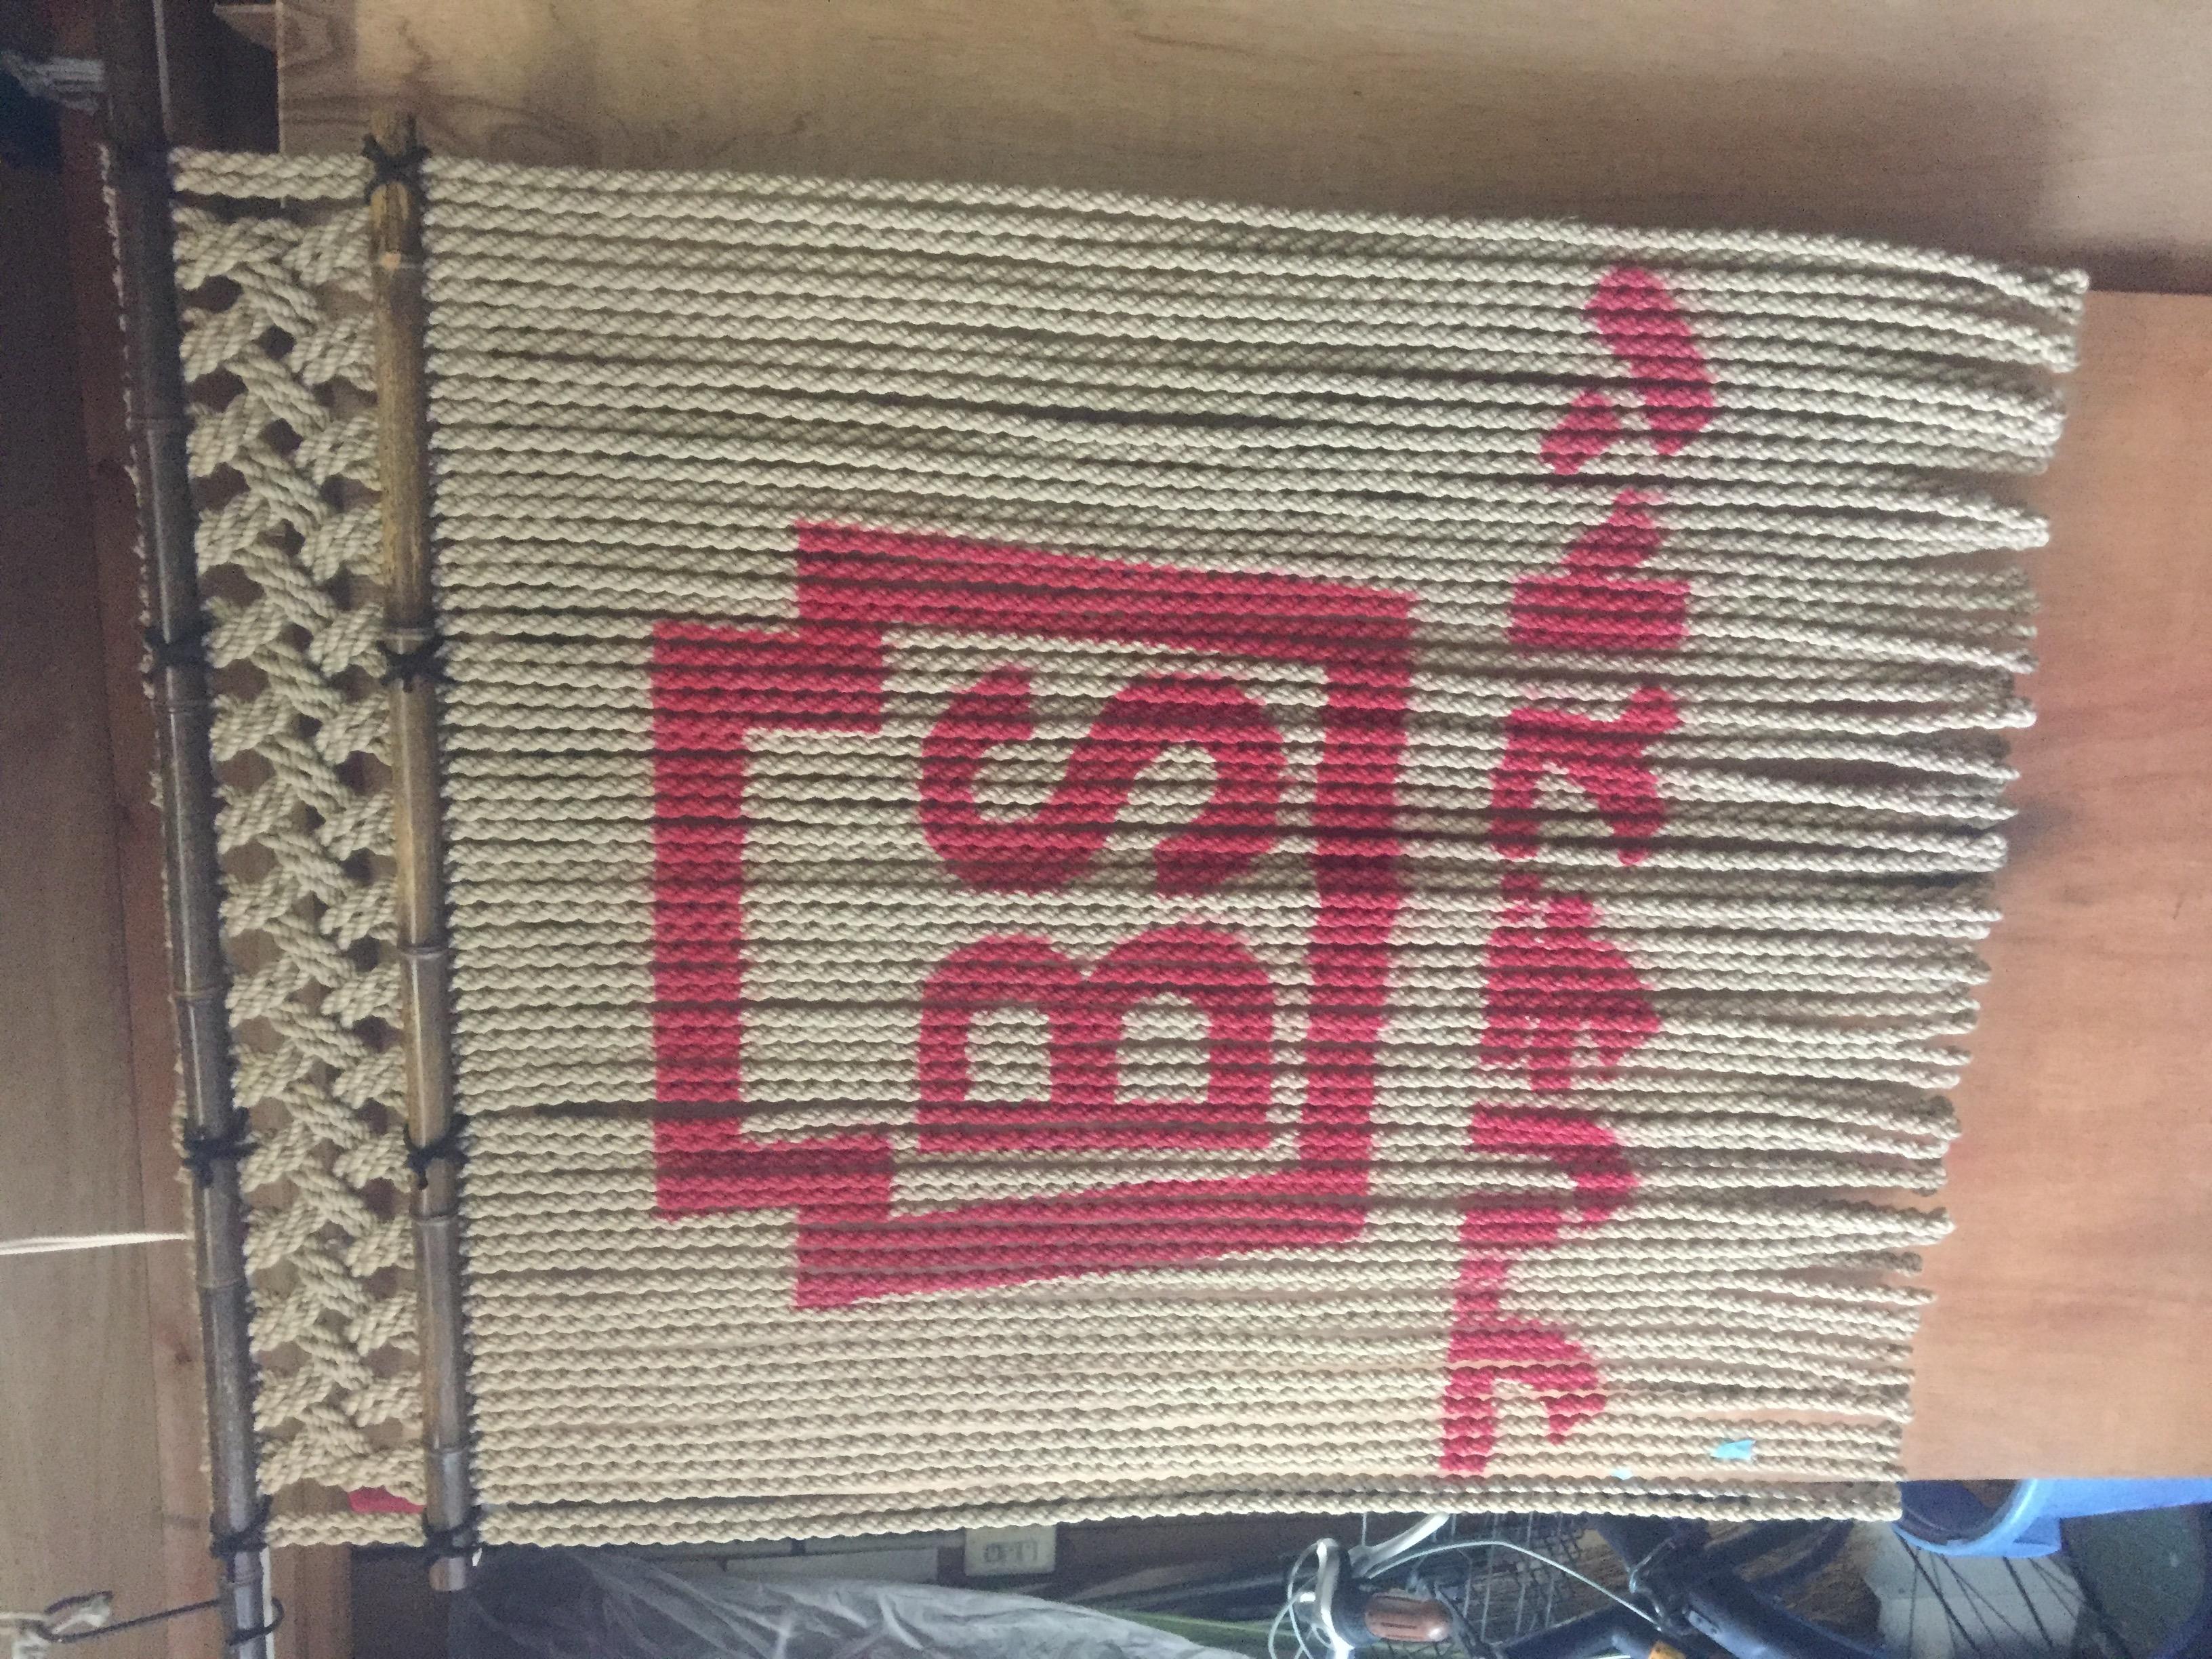 ジュート麻縄 ロゴ入れ 格子編み 黒竹